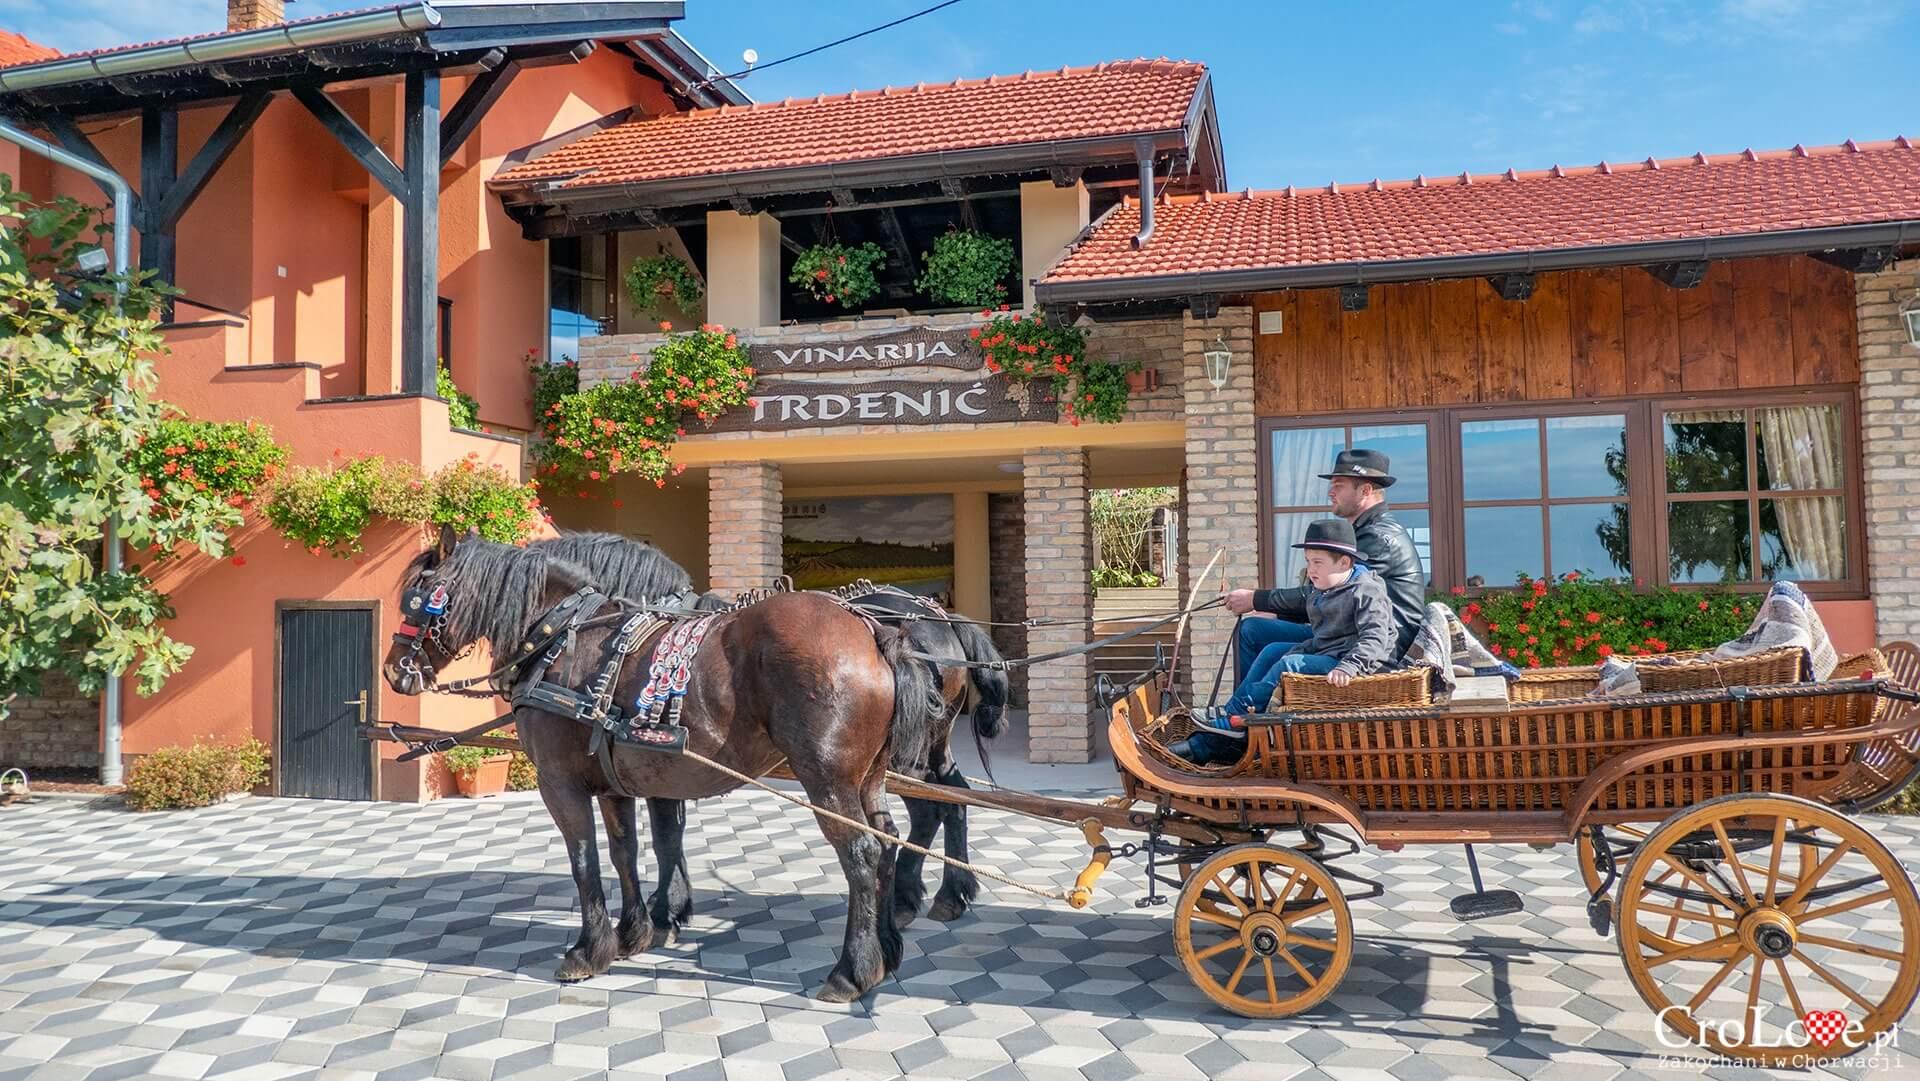 Winiarnia Trdenić, Popovača - region Sisačko-Moslavački